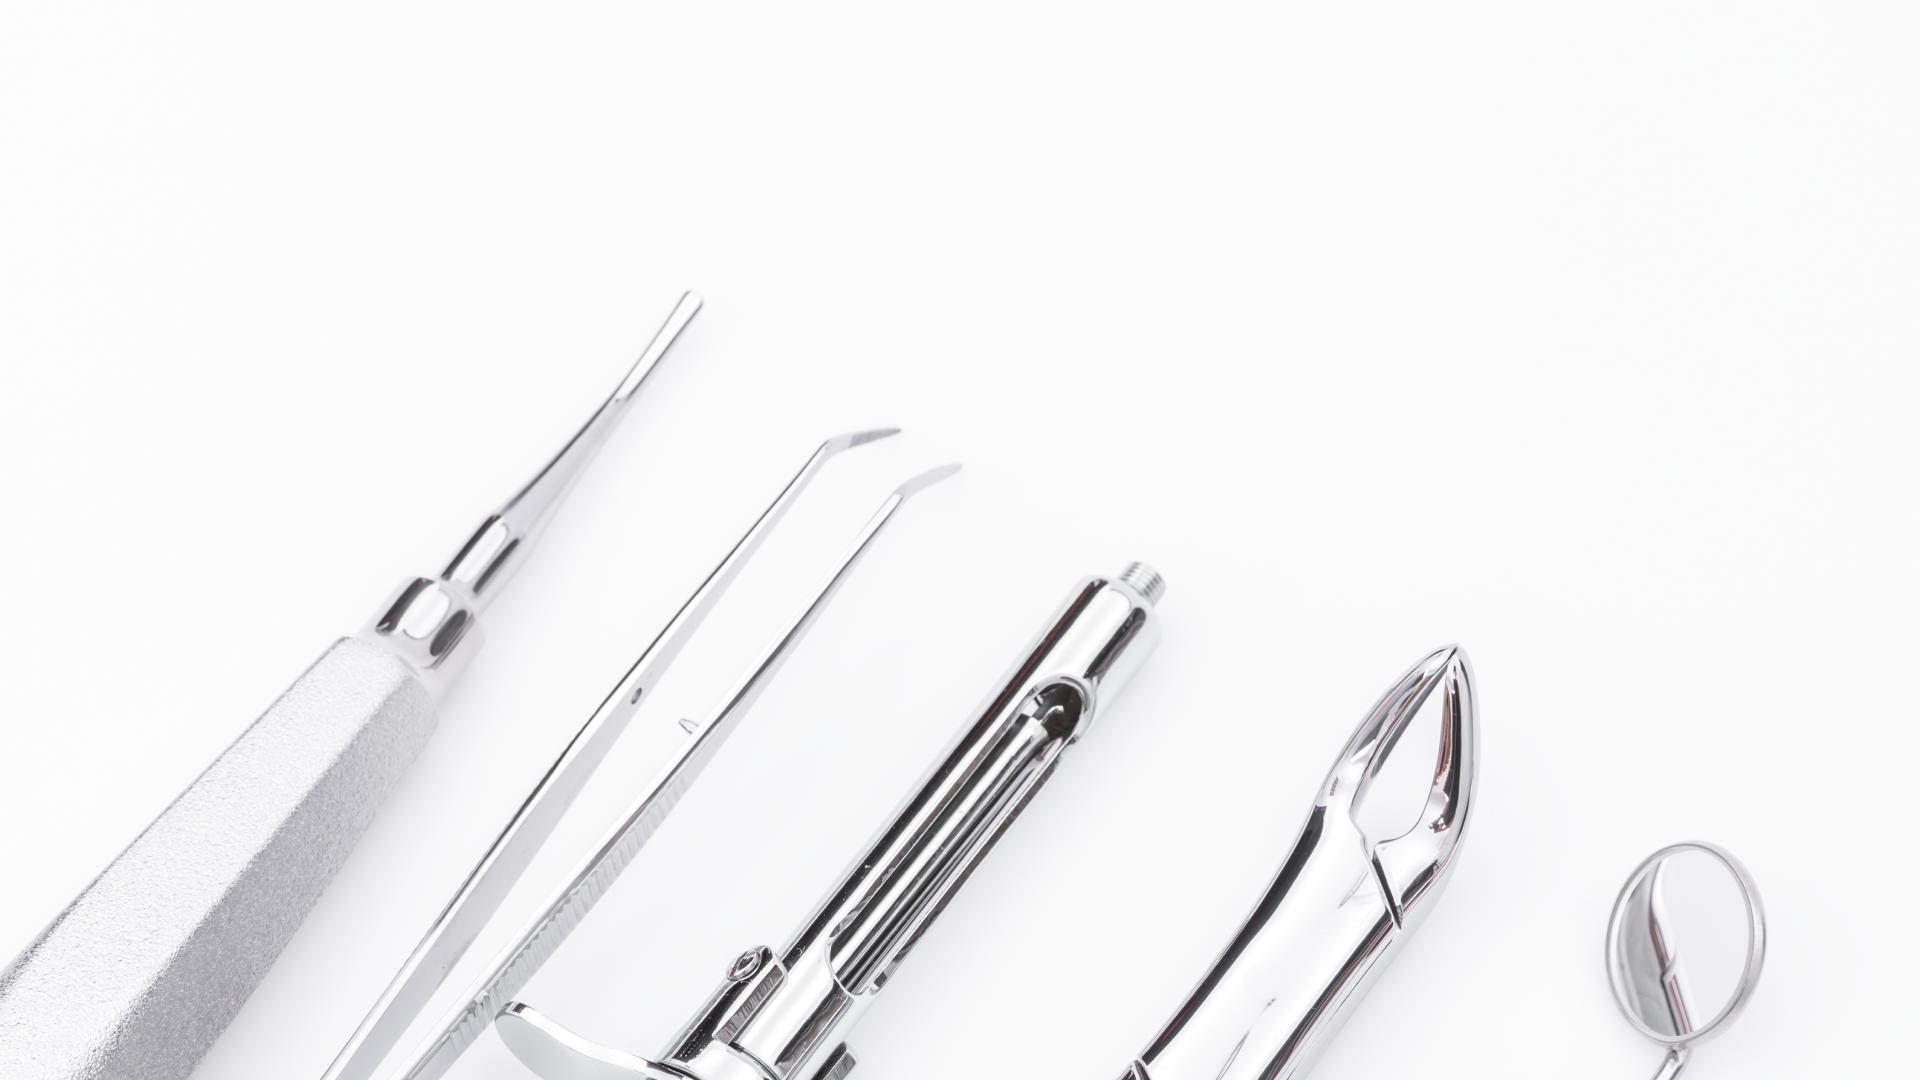 O que é a tanatopraxia? Saiba tudo neste artigo